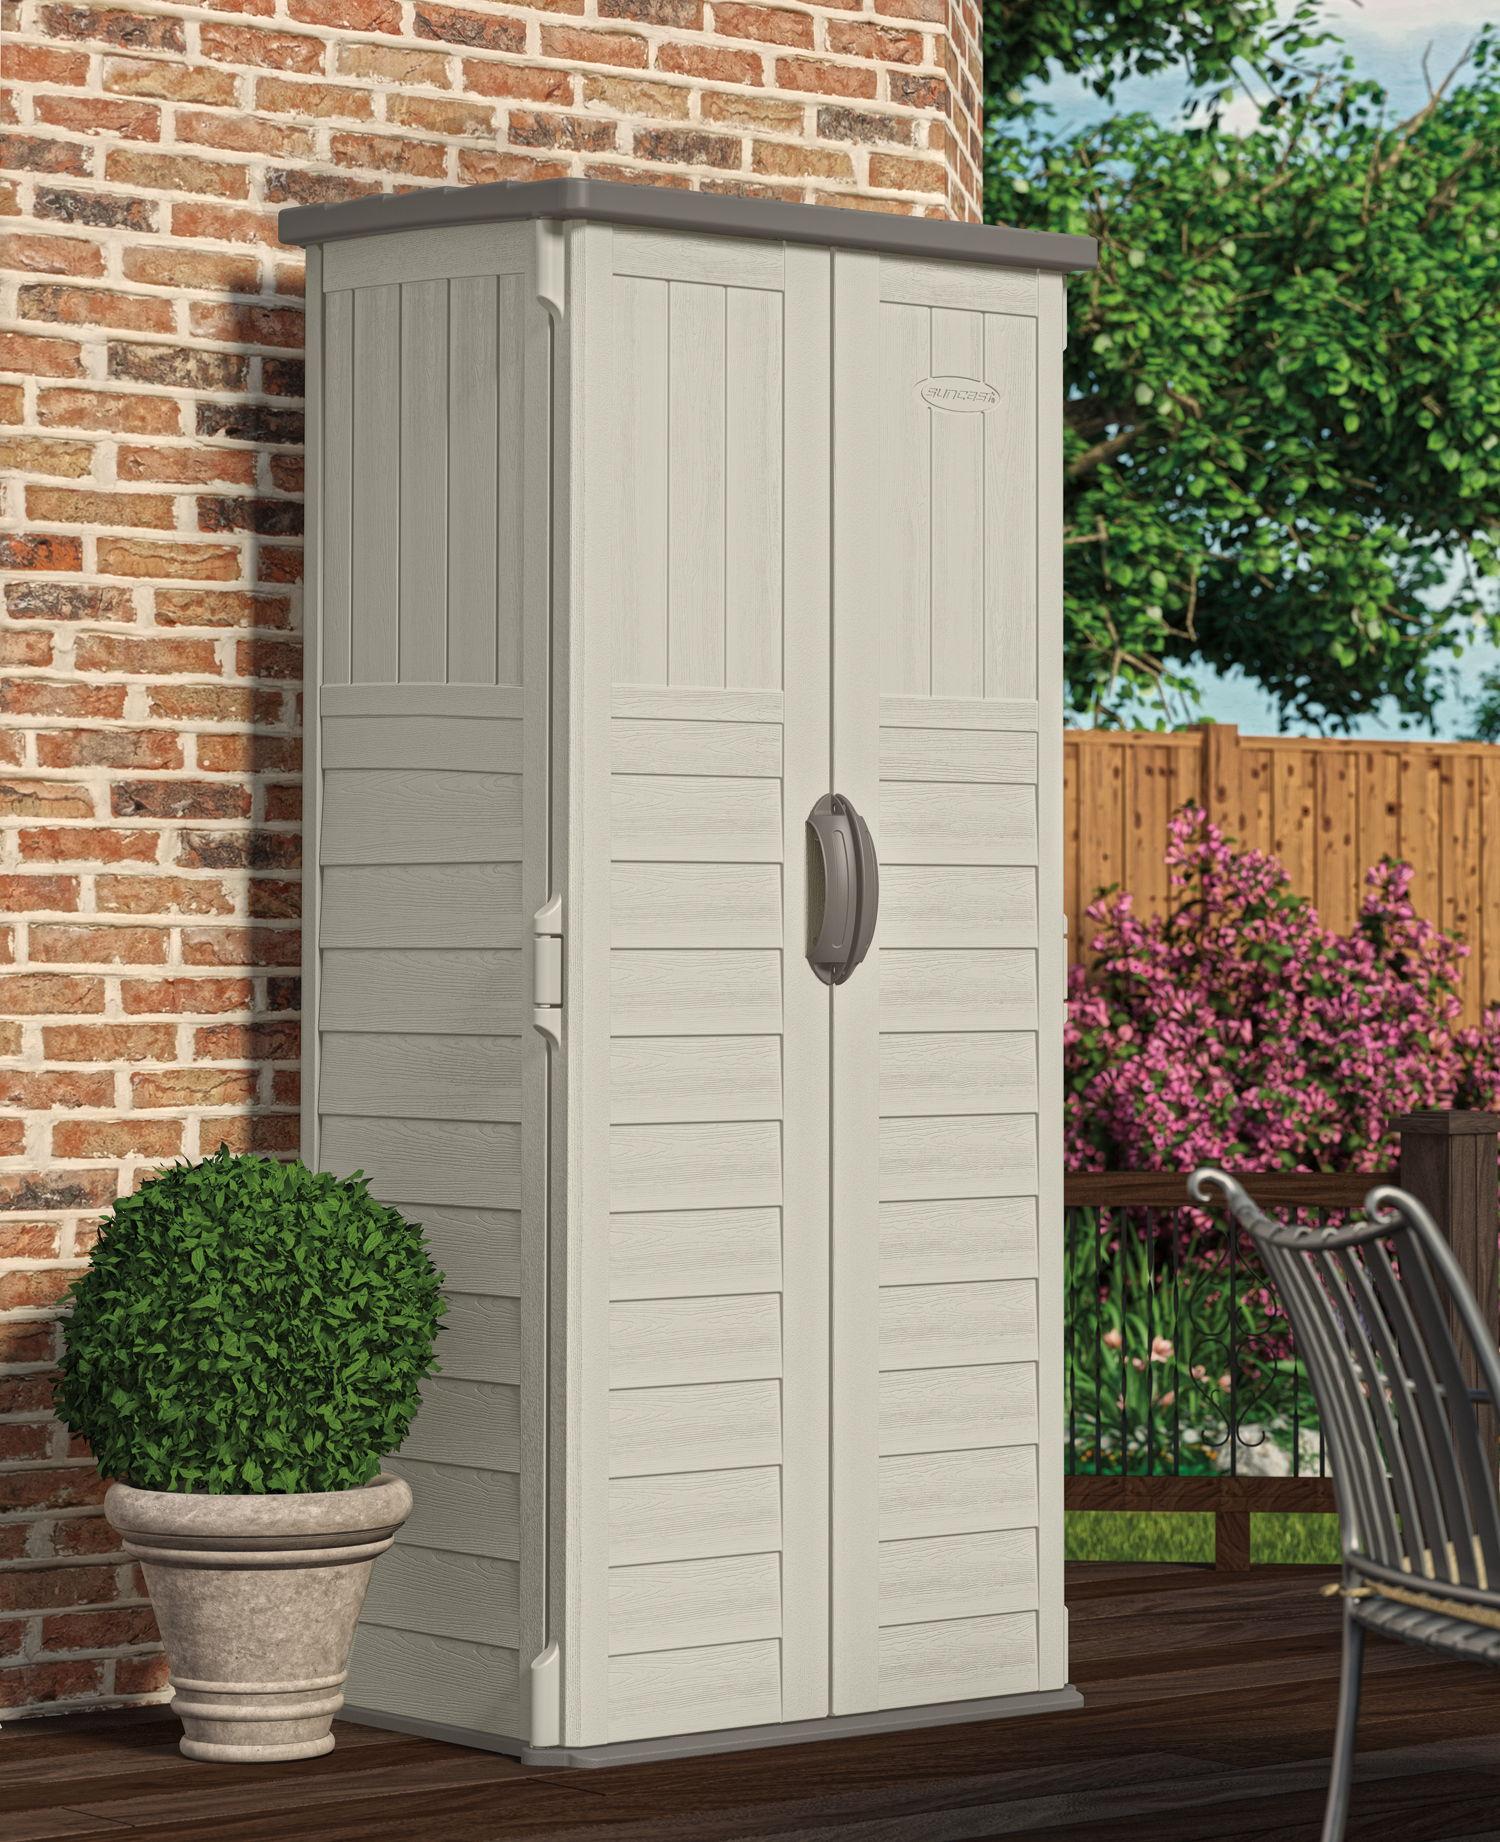 suncast 3x2 mannington plastic garden storage shed AIEUIWE